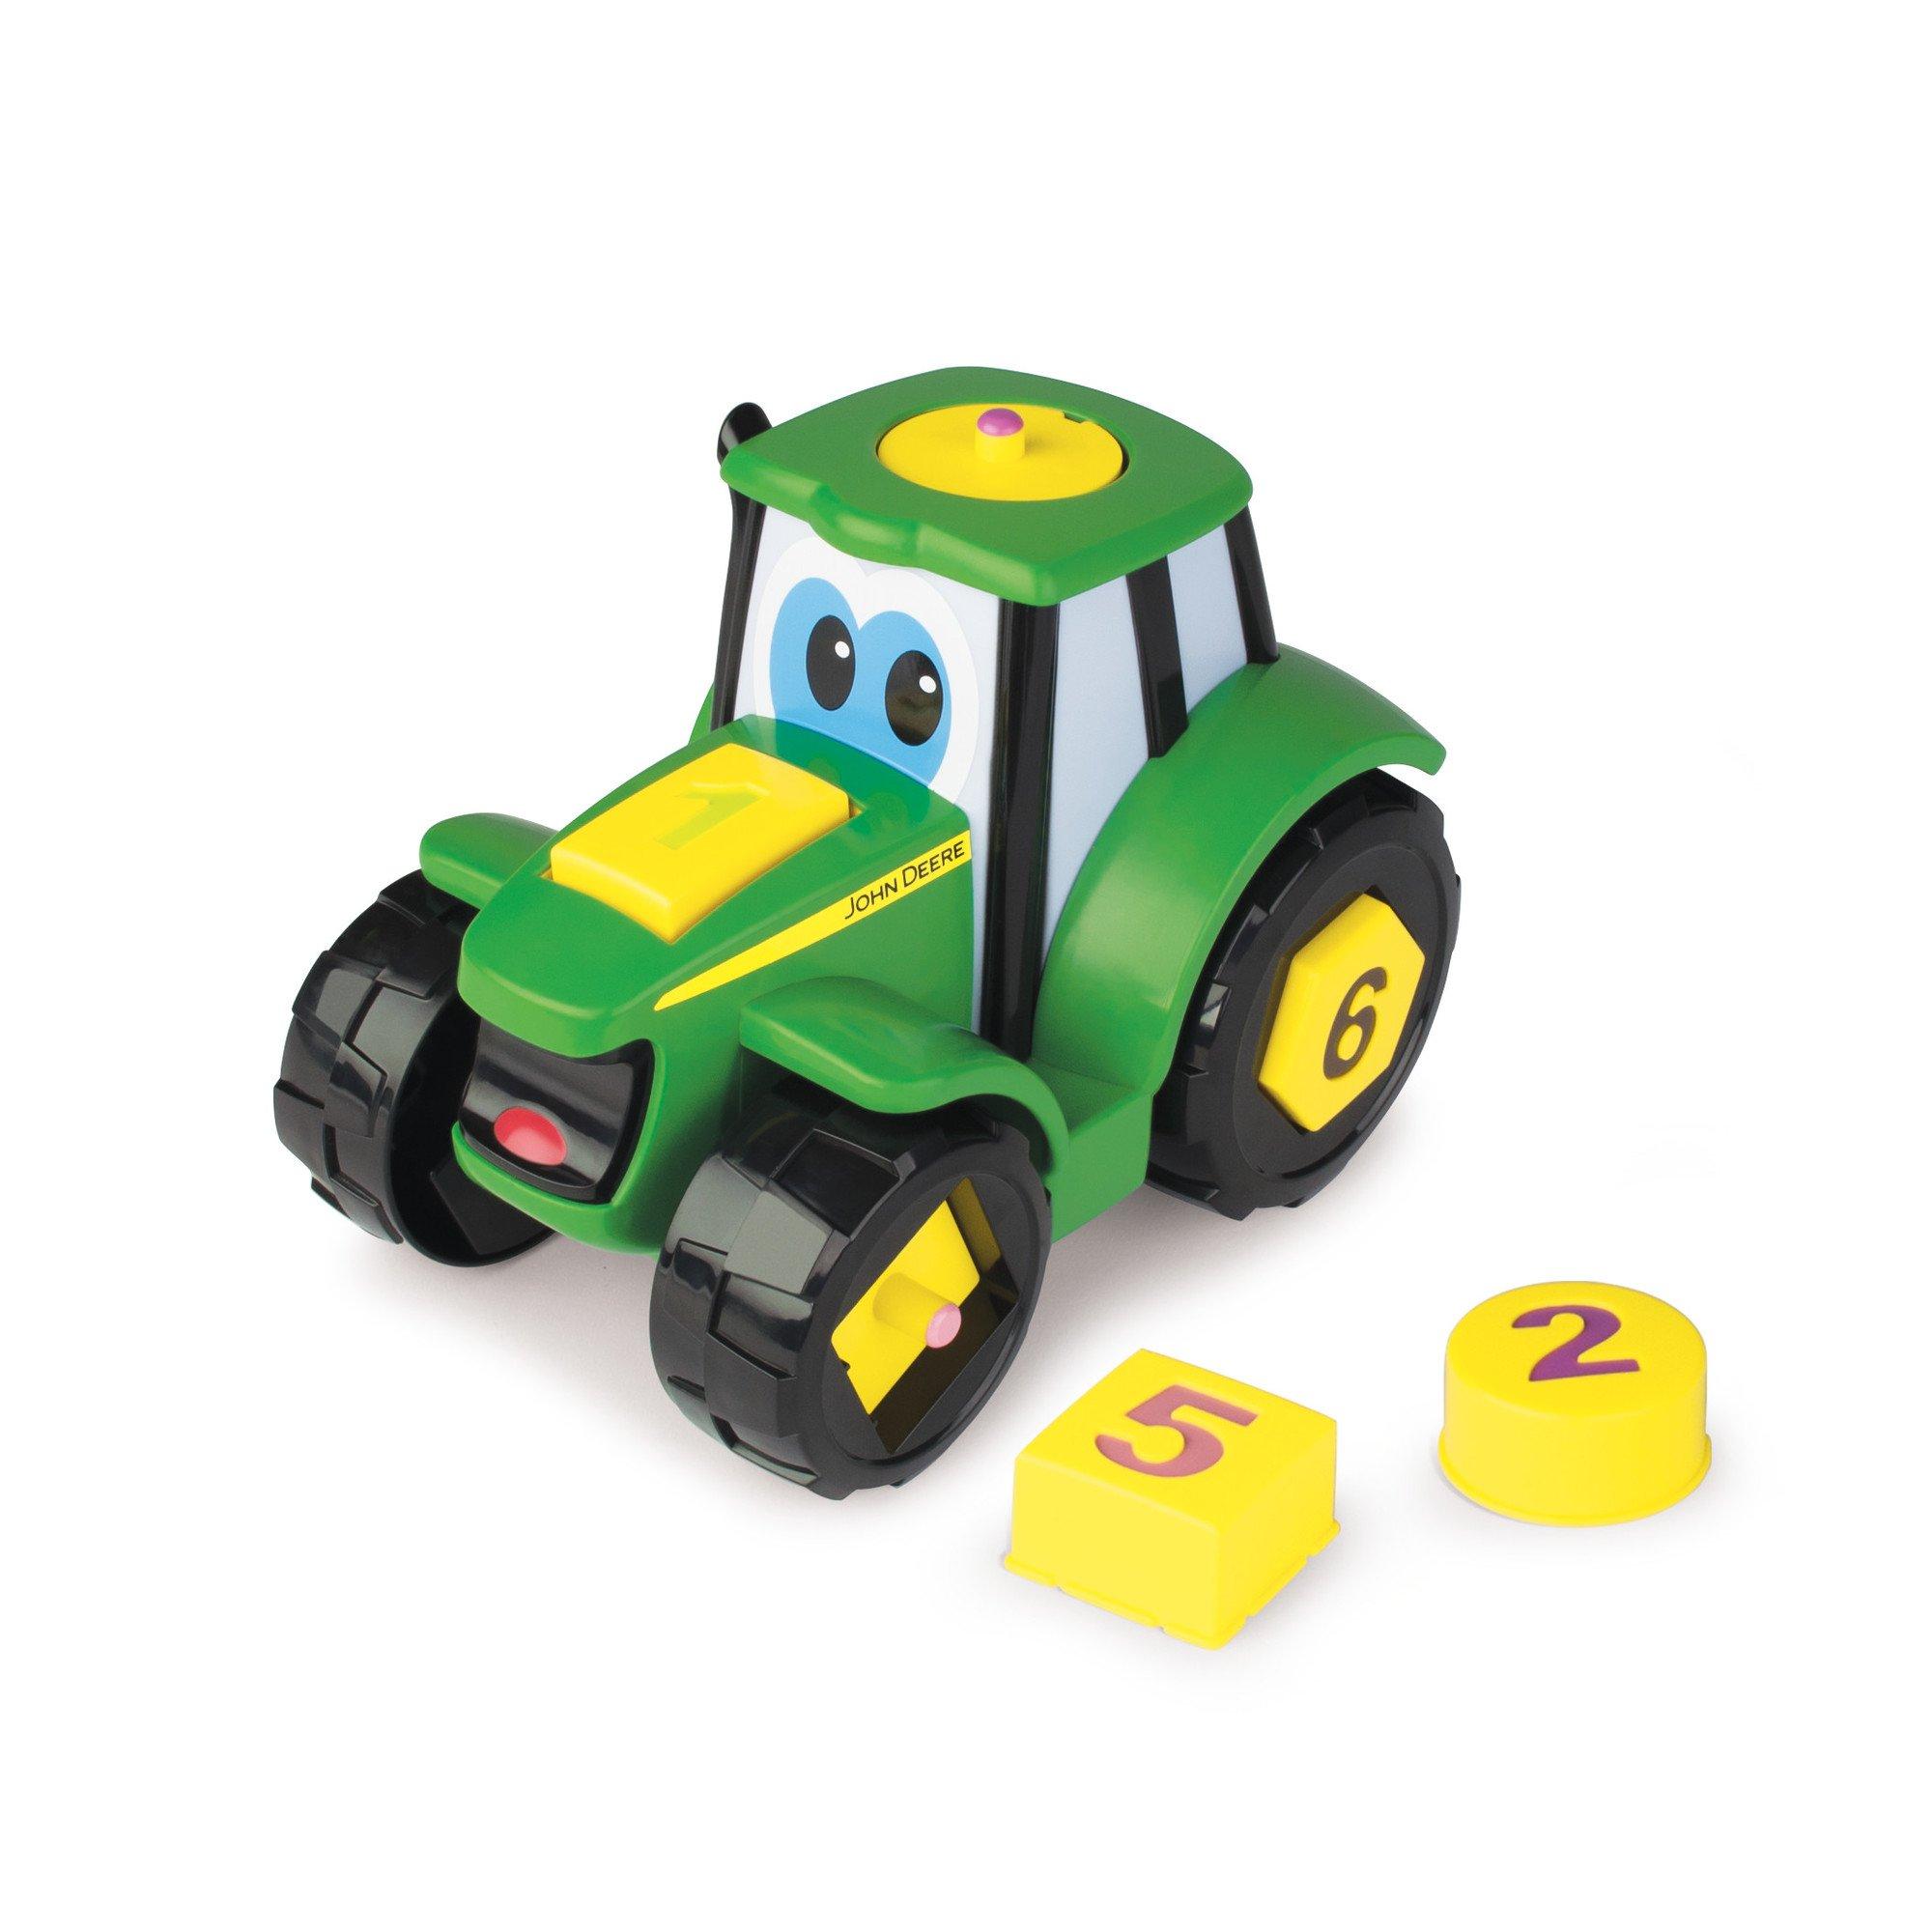 TOMY John Deere Learn N Pop Johnny Vehicle Toy by TOMY